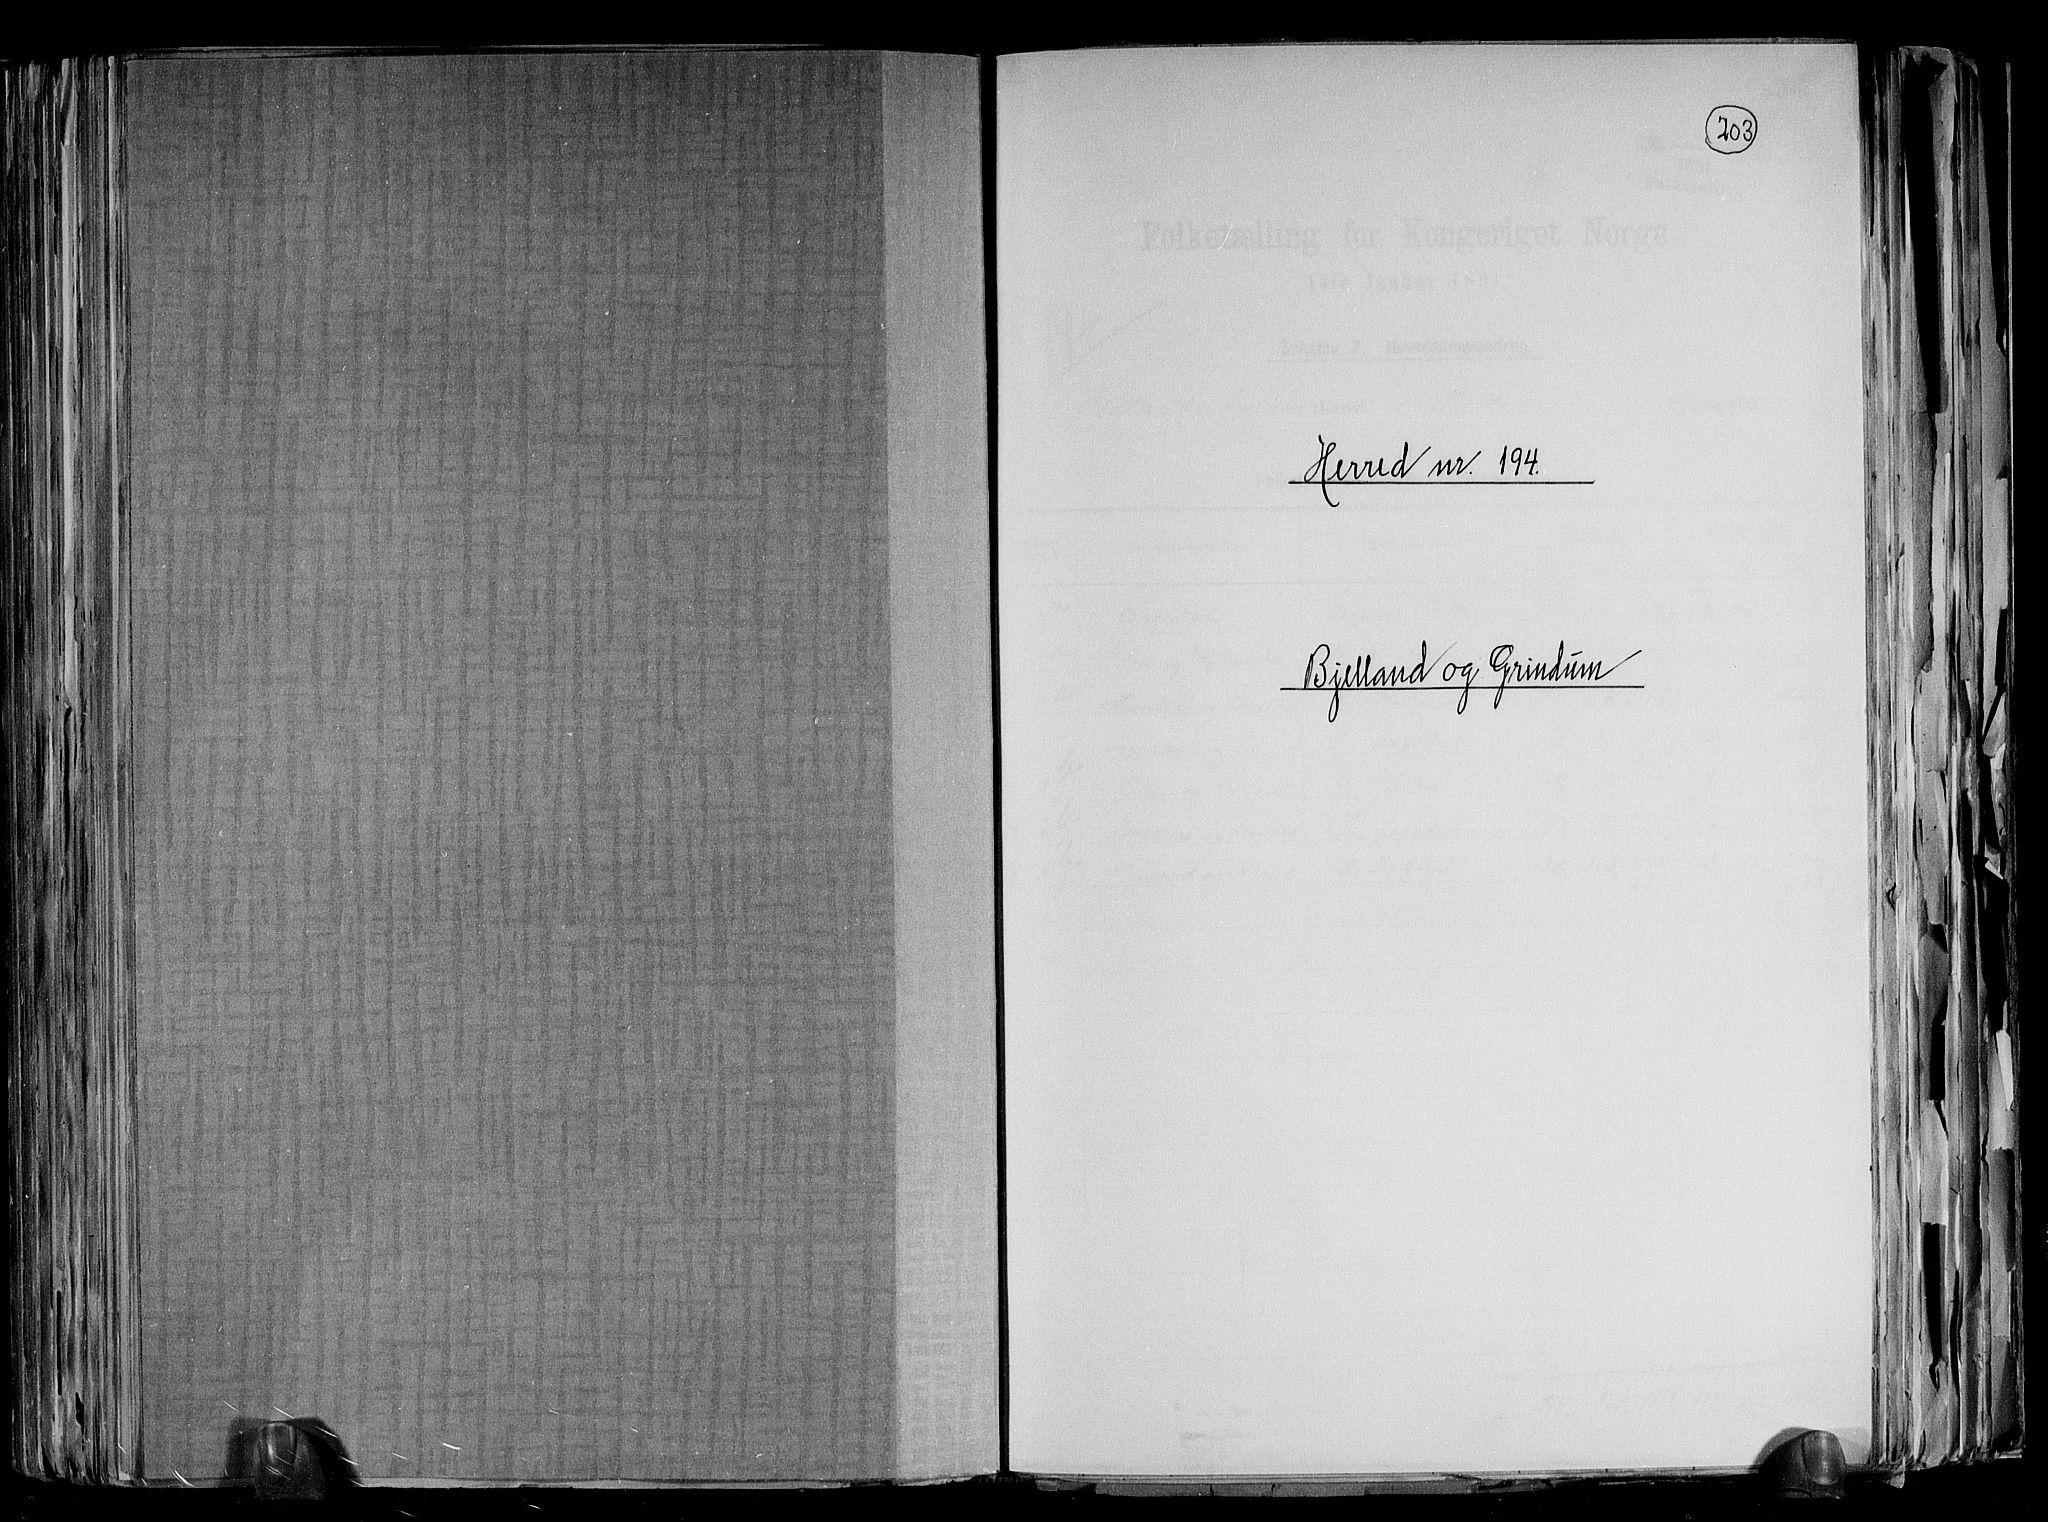 RA, Folketelling 1891 for 1024 Bjelland og Grindheim herred, 1891, s. 1